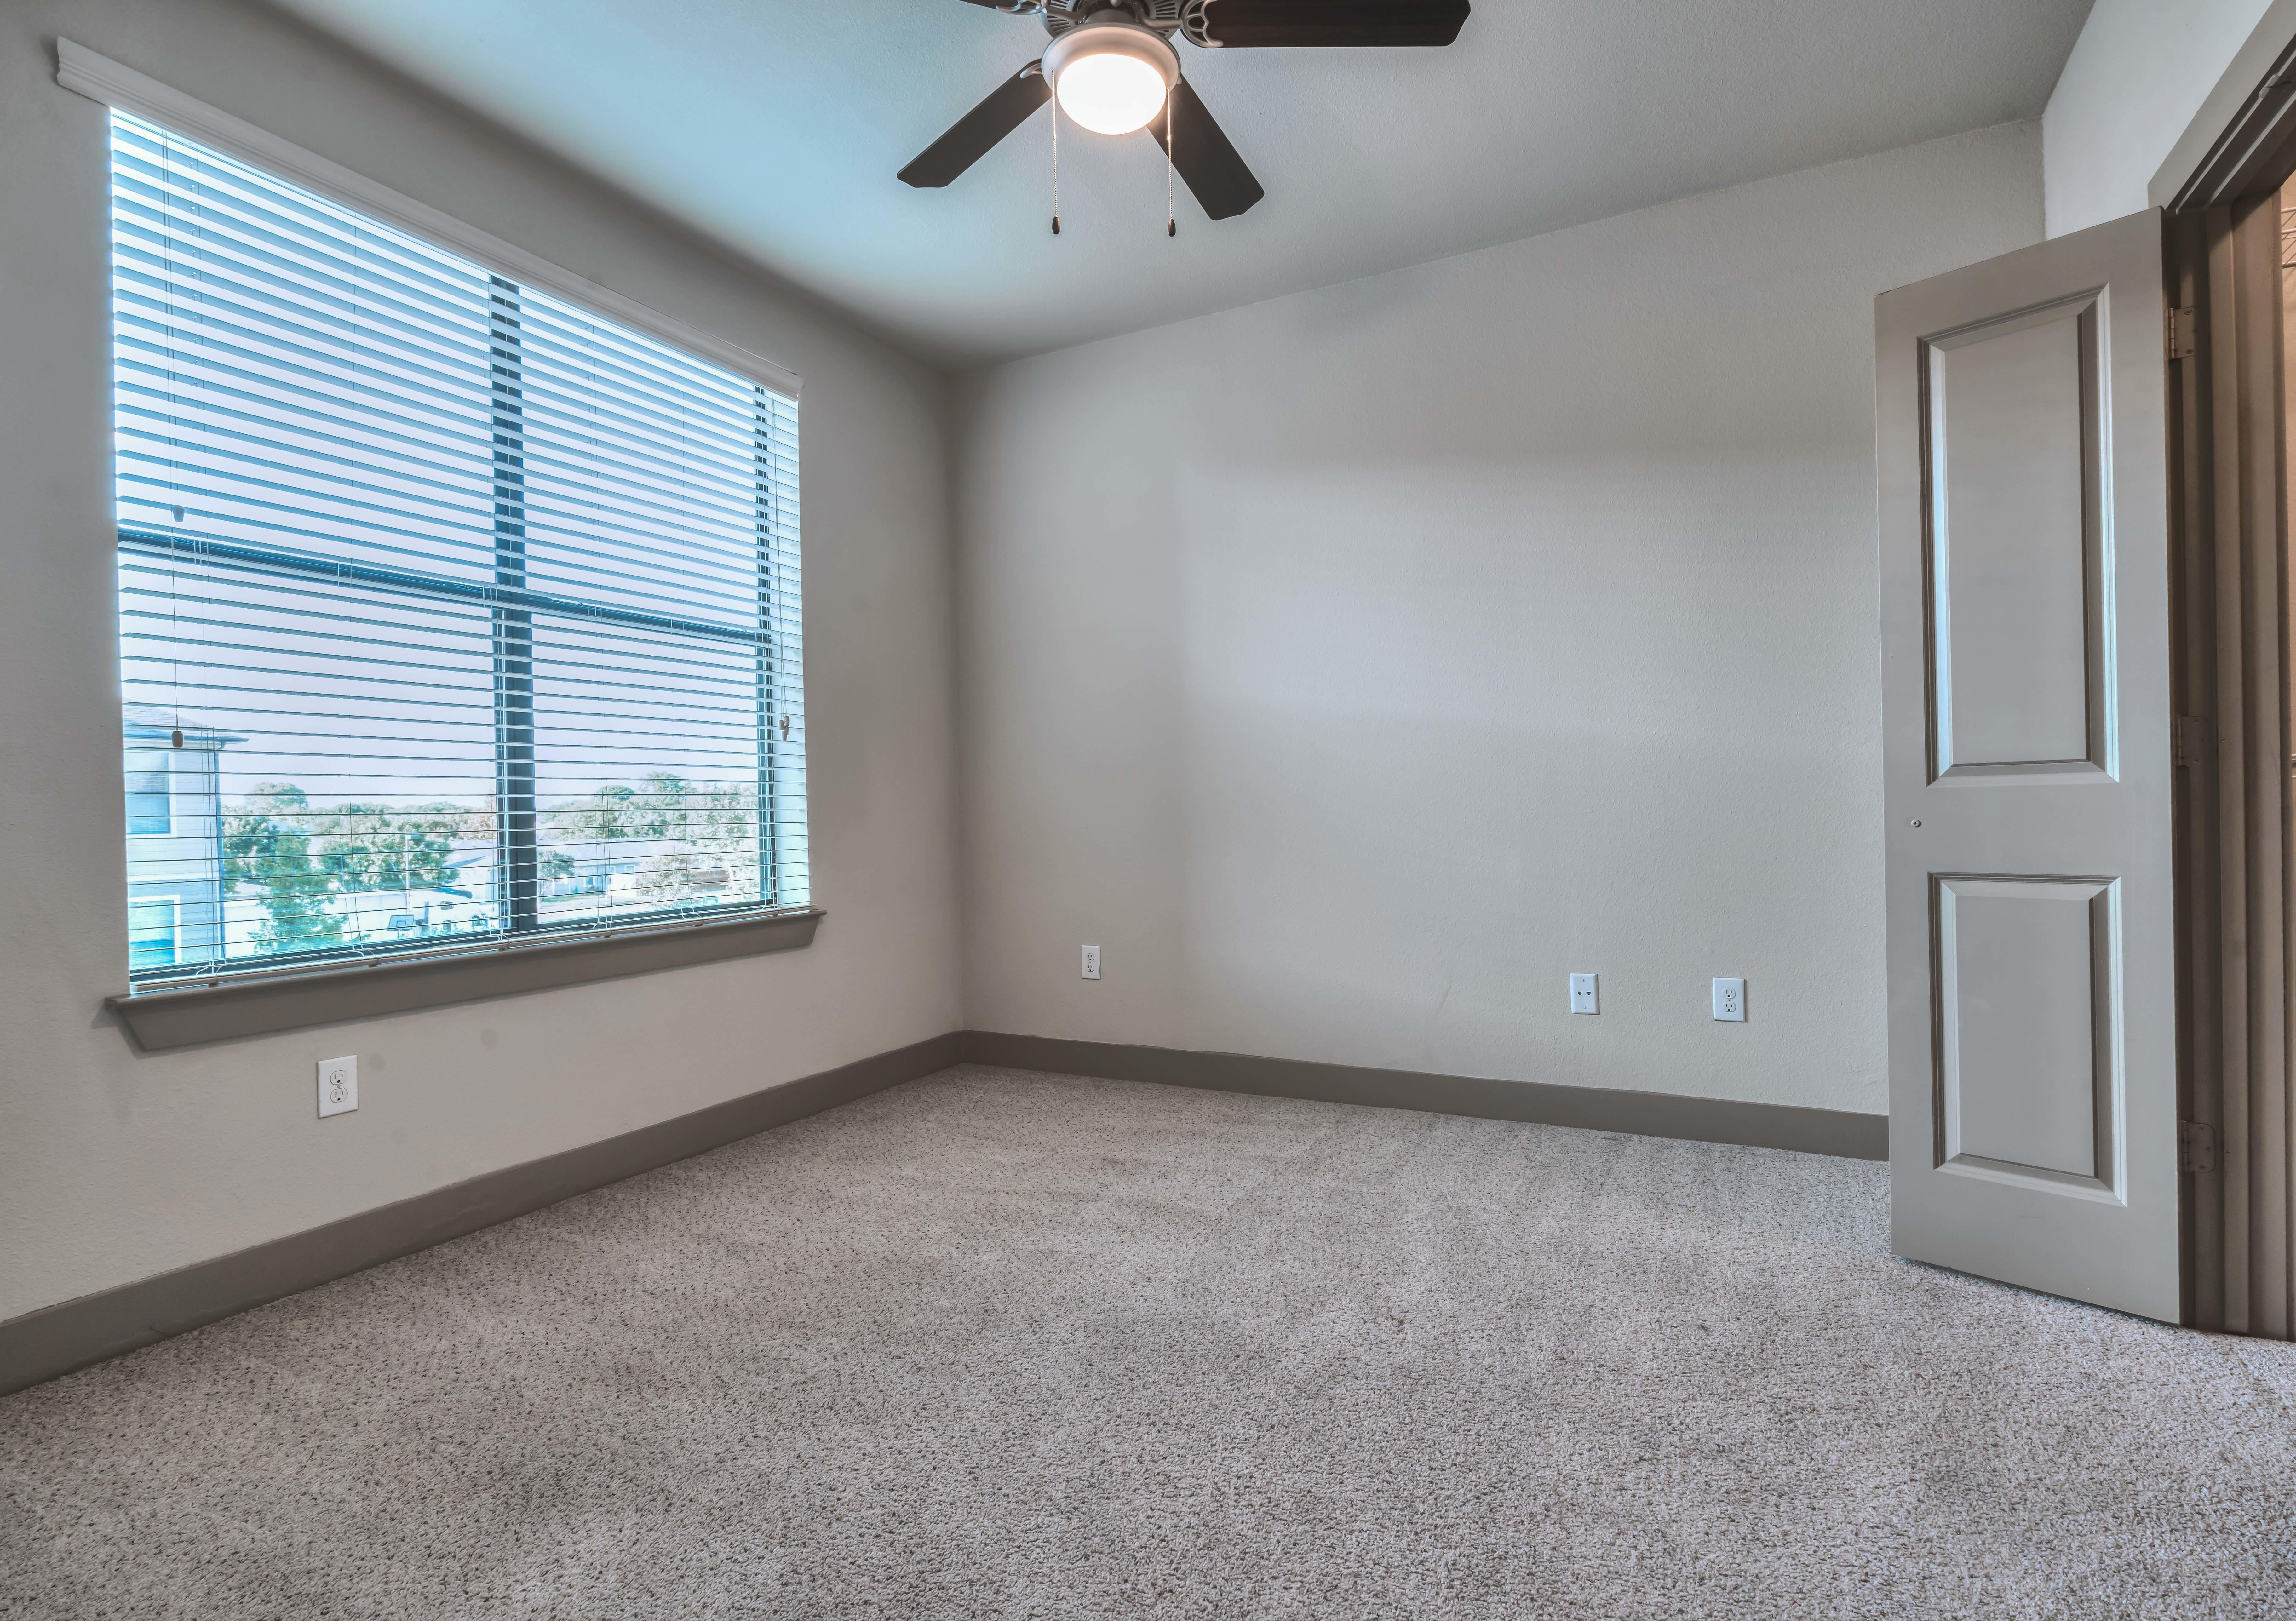 Westover Oaks Apartments 7727 Potranco Road San Antonio, TX Apartments -  MapQuest